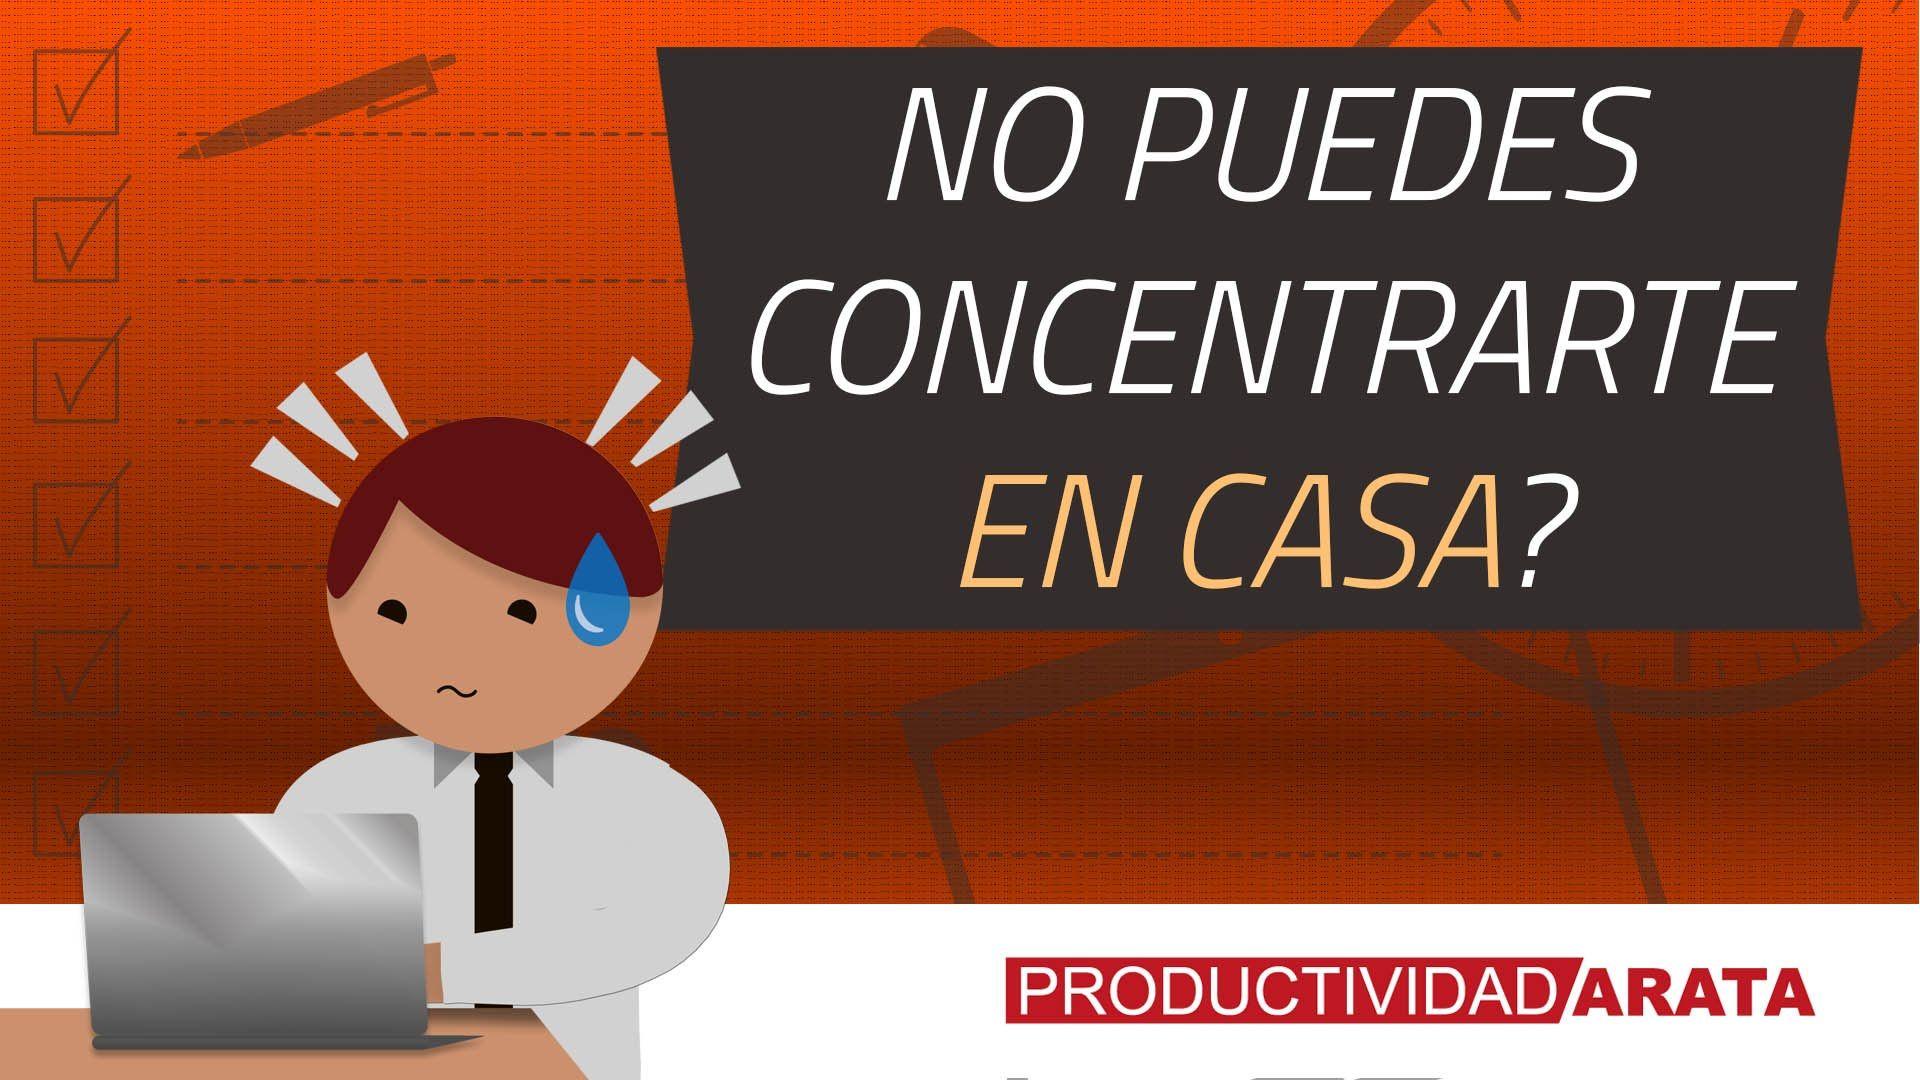 No puedes concentrarte en casa? | Productividad Arata 17